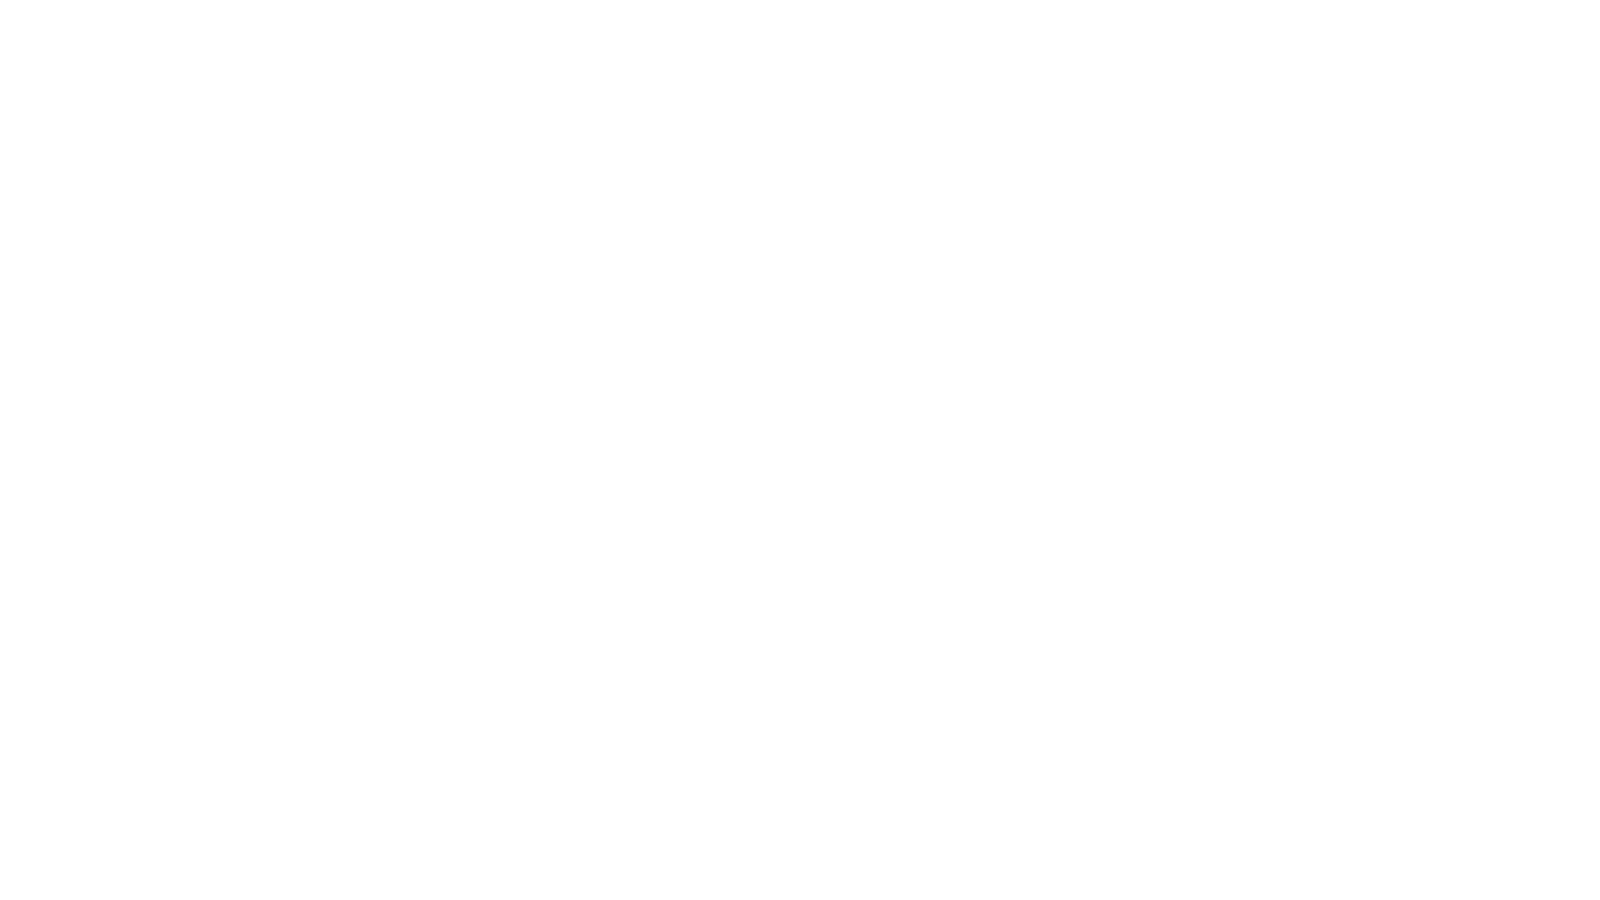 No meu primeiro Dean's Speaker Series do ano, tenho a honra de receber Pierre Landolt, membro do Board da Novartis durante mais de 20 anos e da Syngenta durante 12 anos, e que, desde 1977, pratica um modelo inovador de agropecuária sustentável no semi-árido Brasileiro, antecipando muitas das tendências da agricultura sustentáveis da era atual. Pierre irá partilhar a sua experiência e visão para um mundo mais sustentável.  - Filipe Santos, Dean da CATÓLICA-LISBON